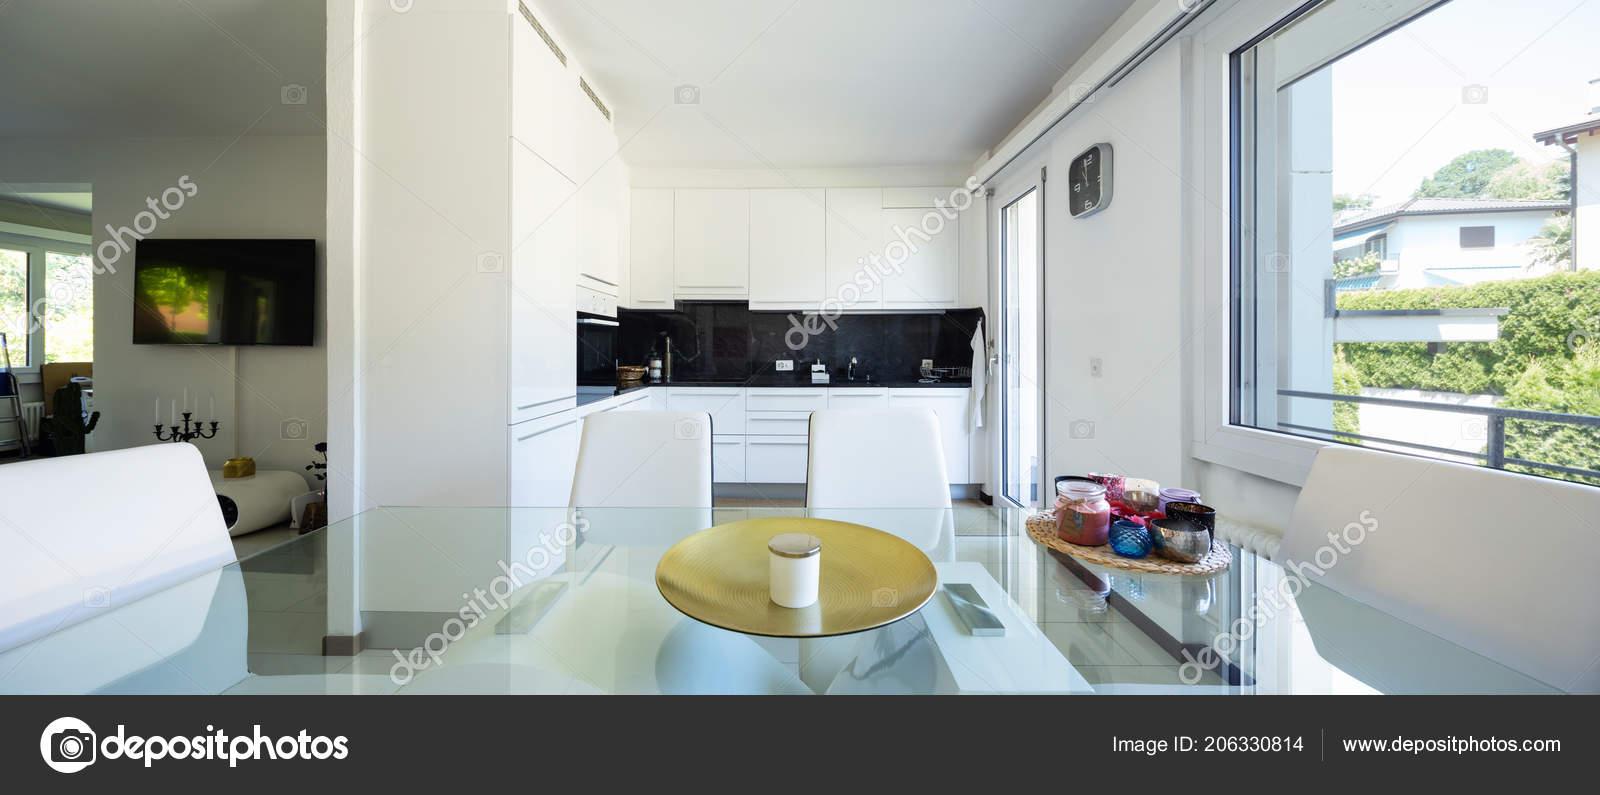 kitchen glass table amish cabinets chicago 白色厨房与黑色大理石和典雅的玻璃桌和皮革椅子里面没人 图库照片